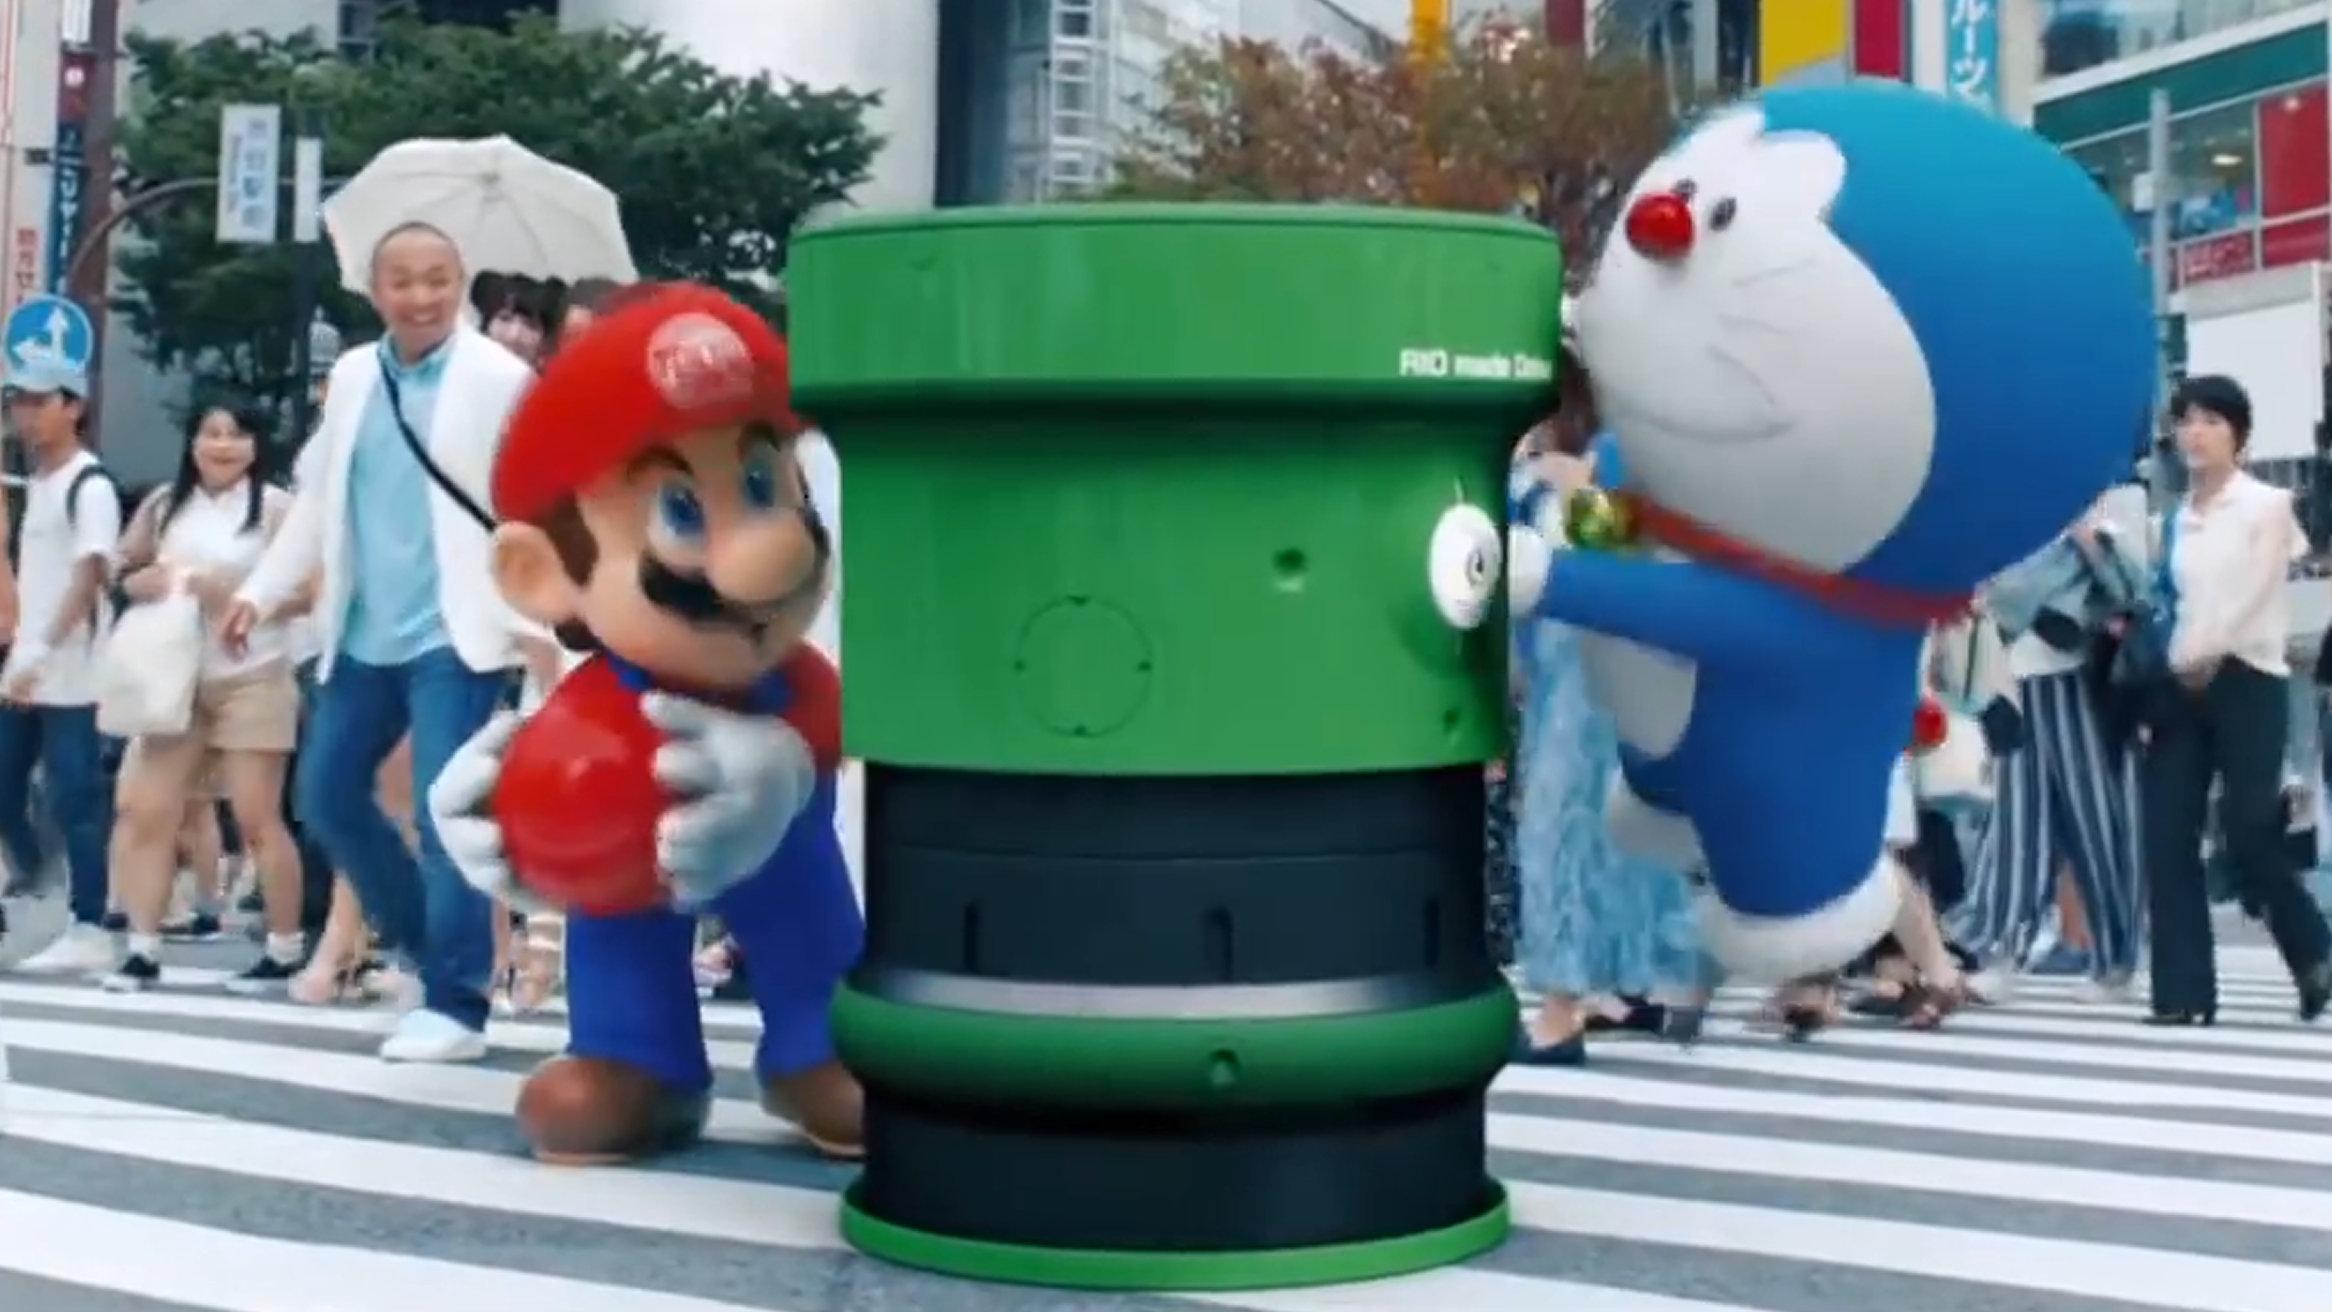 東京2020オリンピック開会式、ピカチュウ登場し土管の伏線も回収